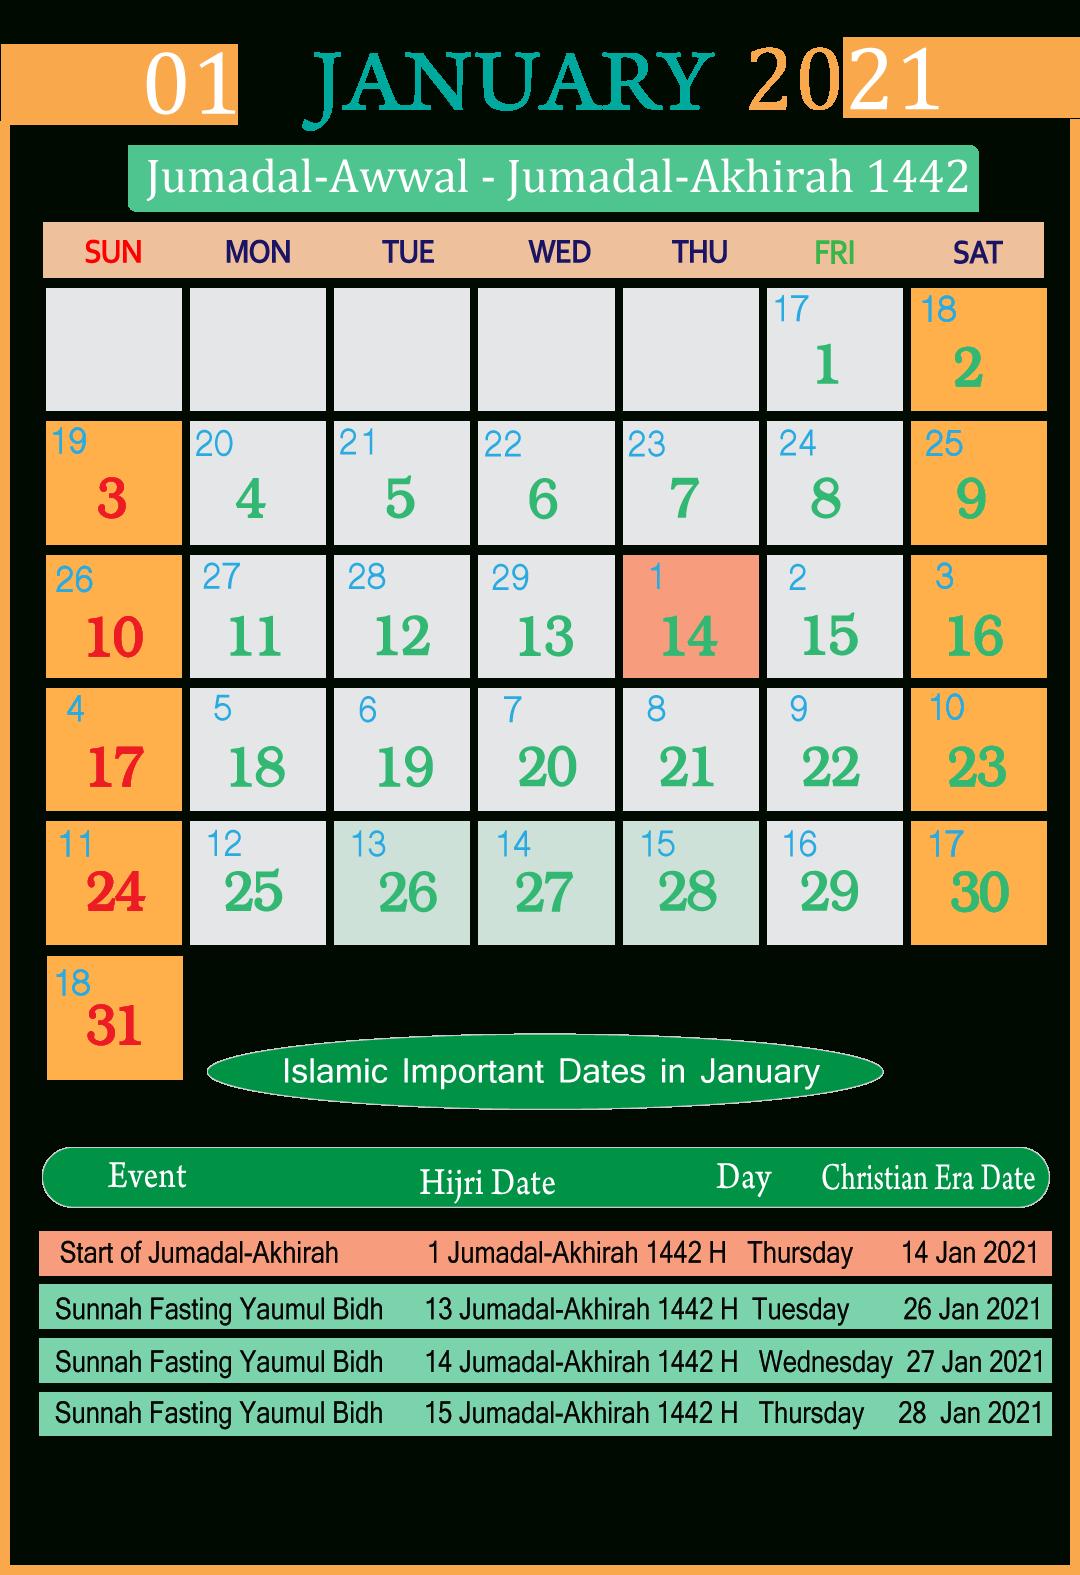 Islamic Calendar 2021 Today Date | Calendar 2021 for Islamic Calendar Date Today In Pakistan